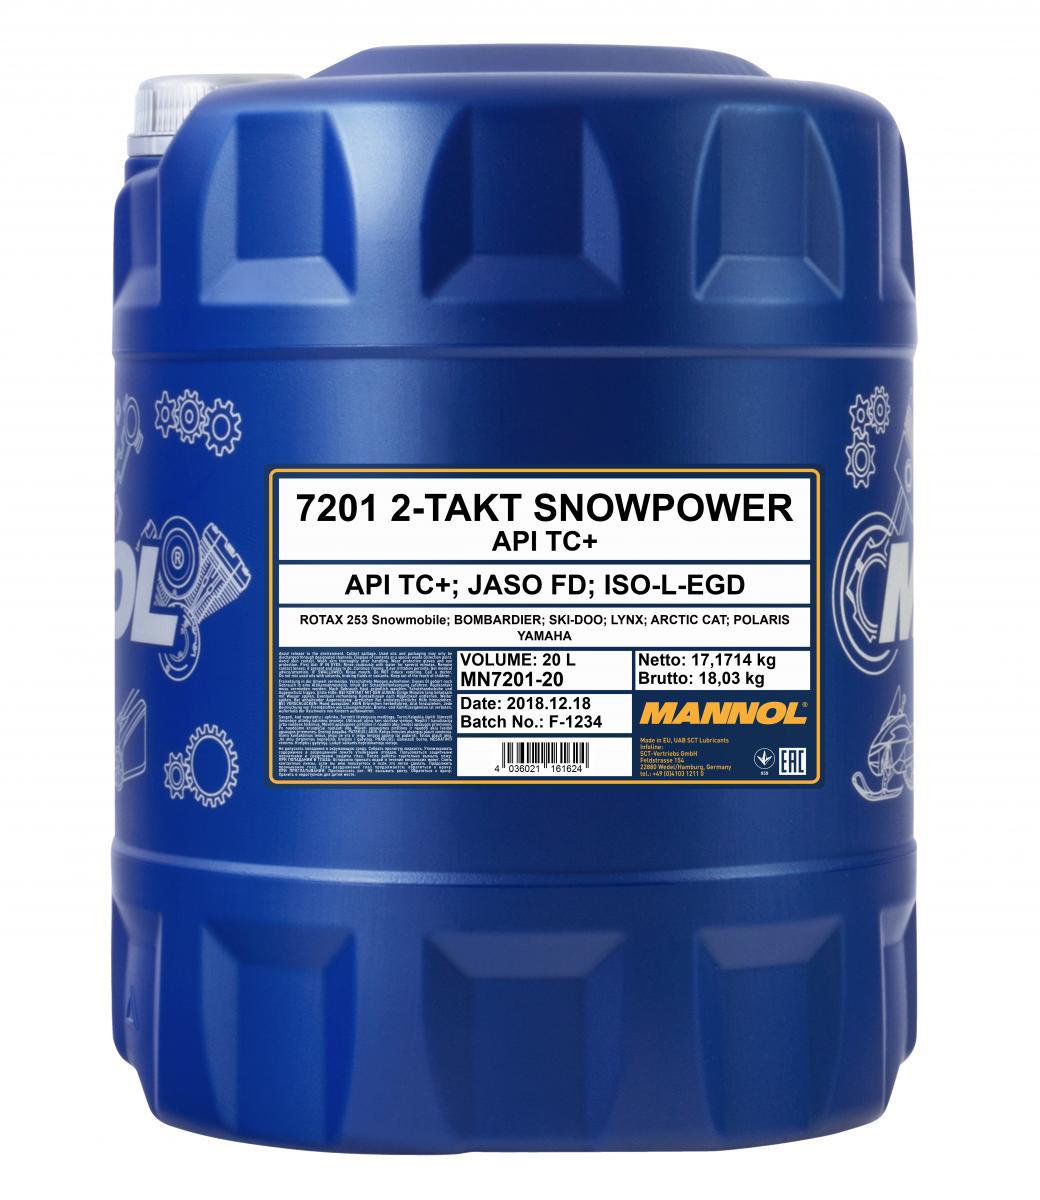 2-Takt Snowpower